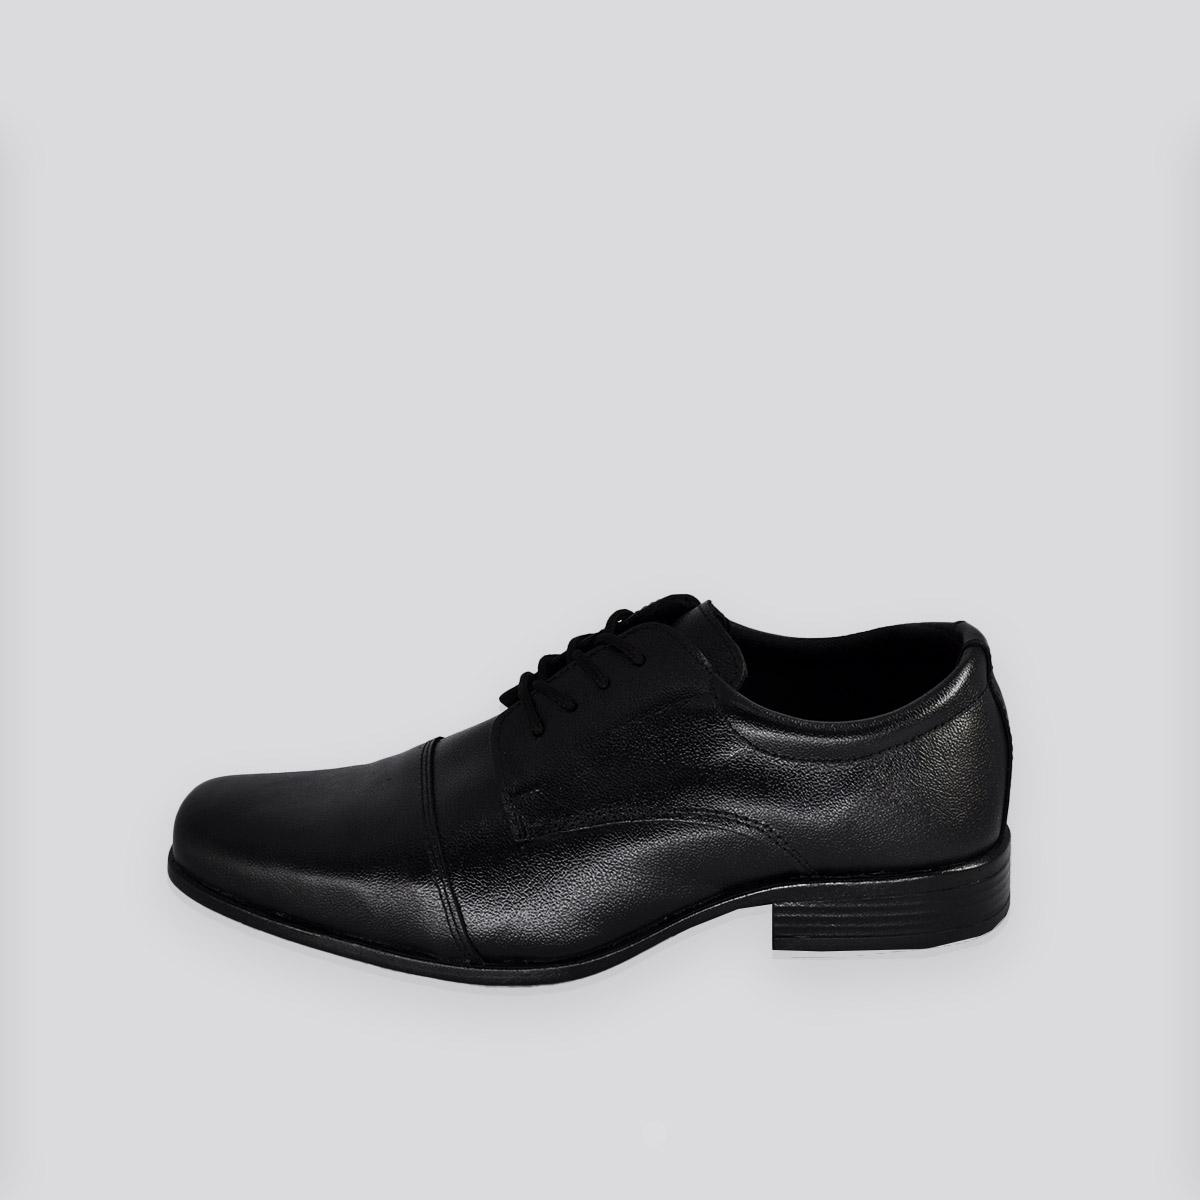 Sapato Social Masculino Andar Shoes  Calçar Preto